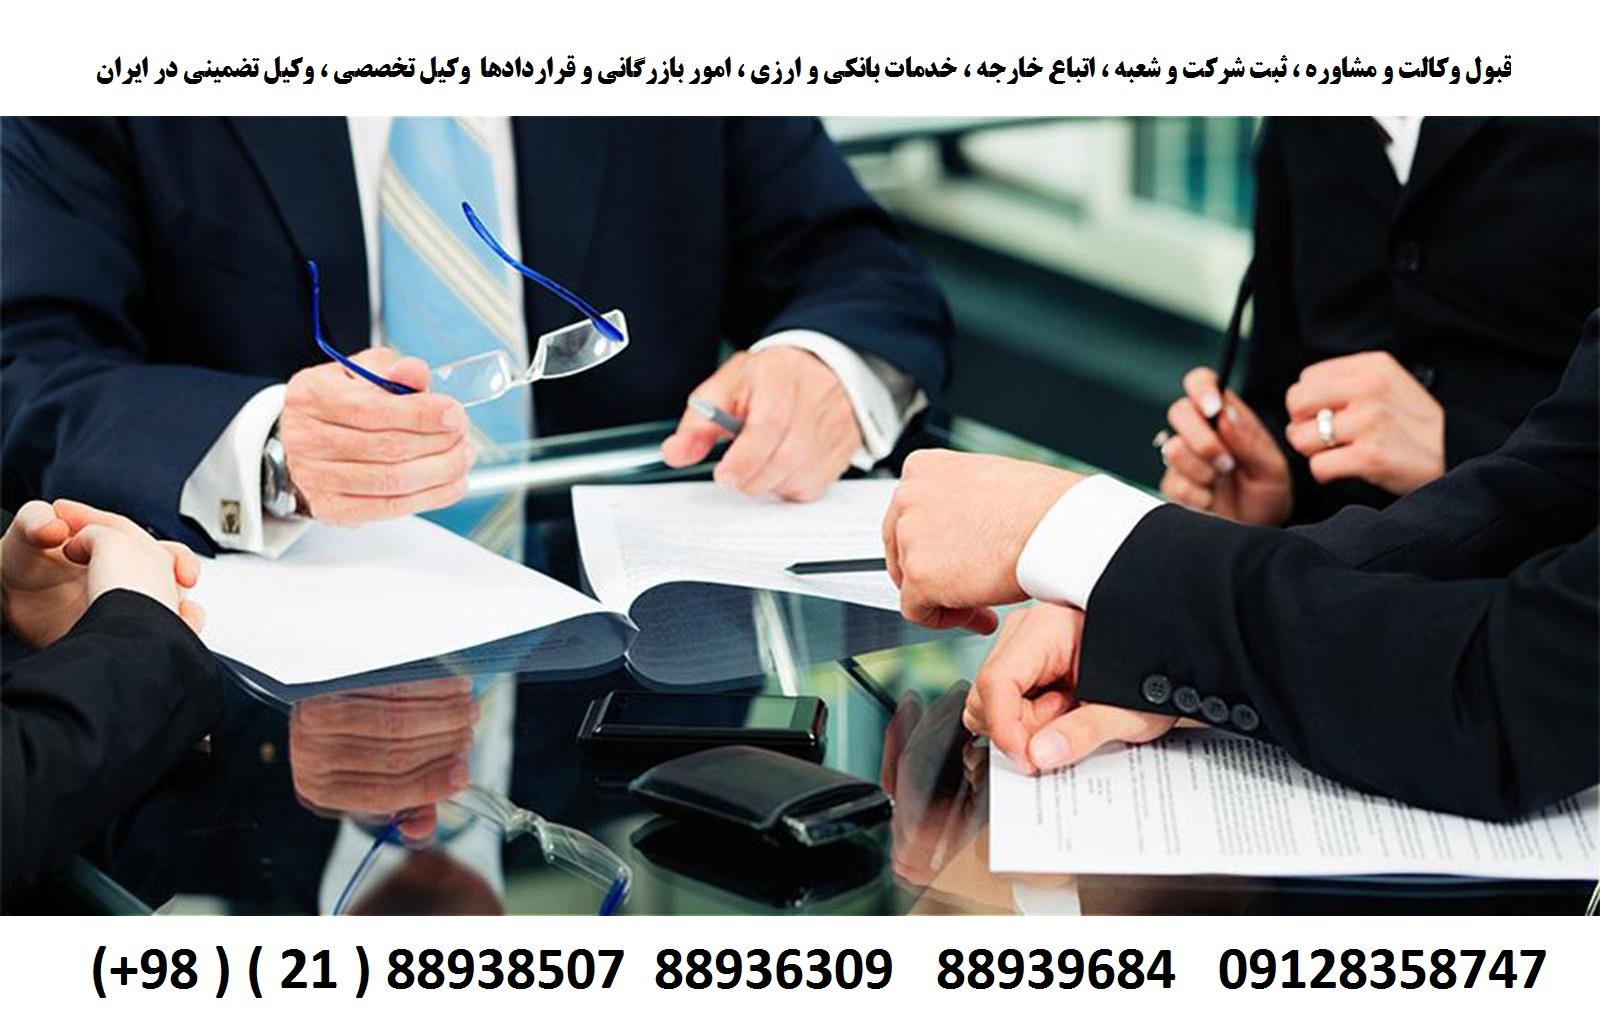 قبول وکالت و مشاوره ، ثبت شرکت و شعبه ، خدمات بانکی و ارزی ، بازرگانی (1)